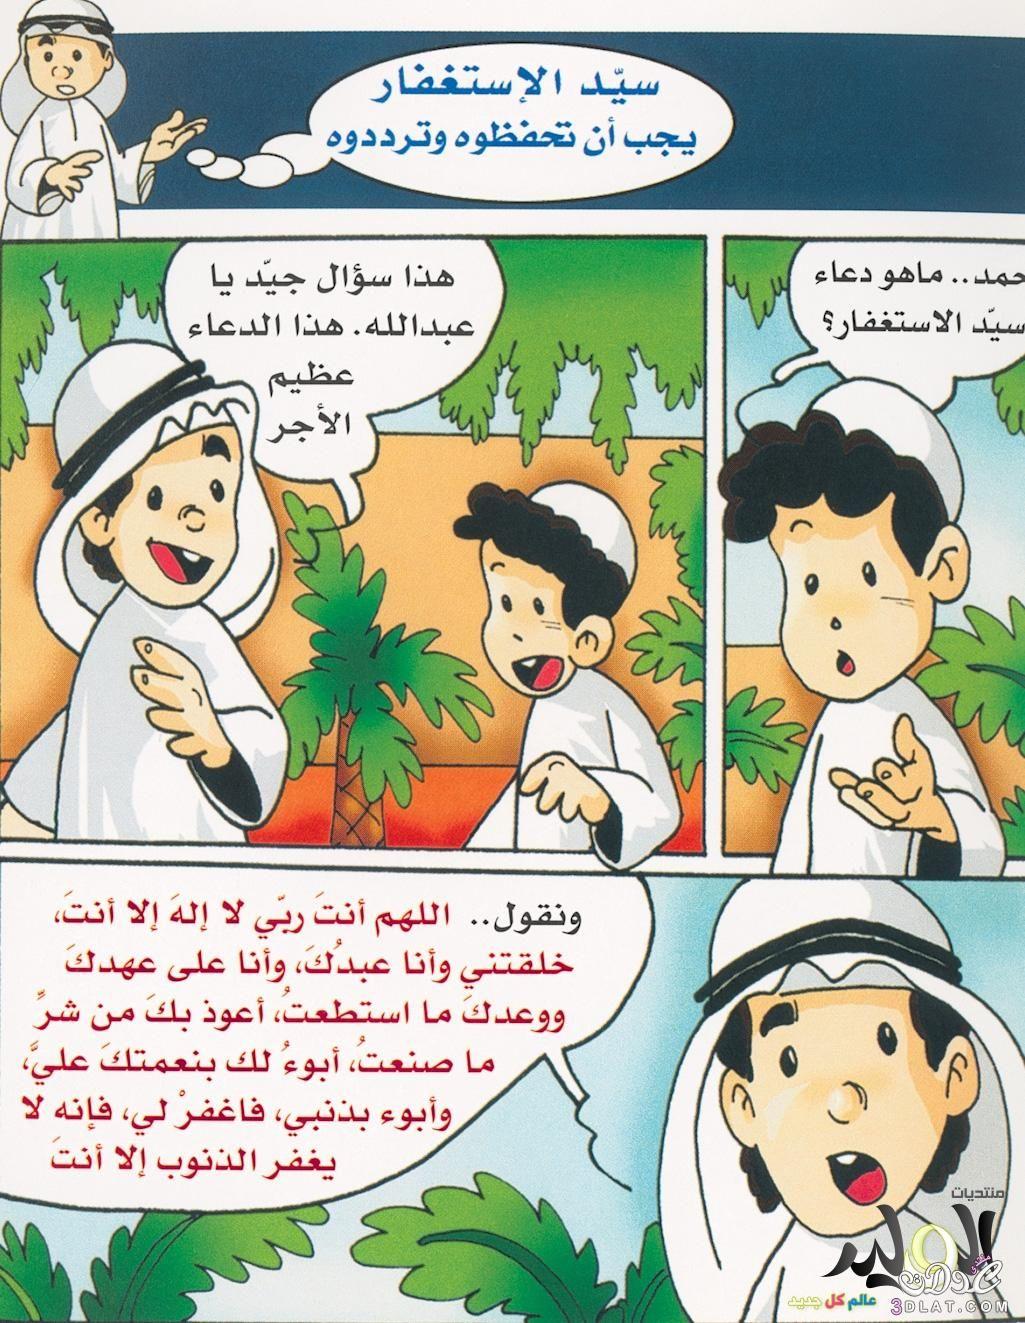 حكايات دينية مصورة للصغار قصص اطفال دينية بالصور قصص اطفال اسلامية مصورة Islamic Kids Activities Preschool Activities Kids Education